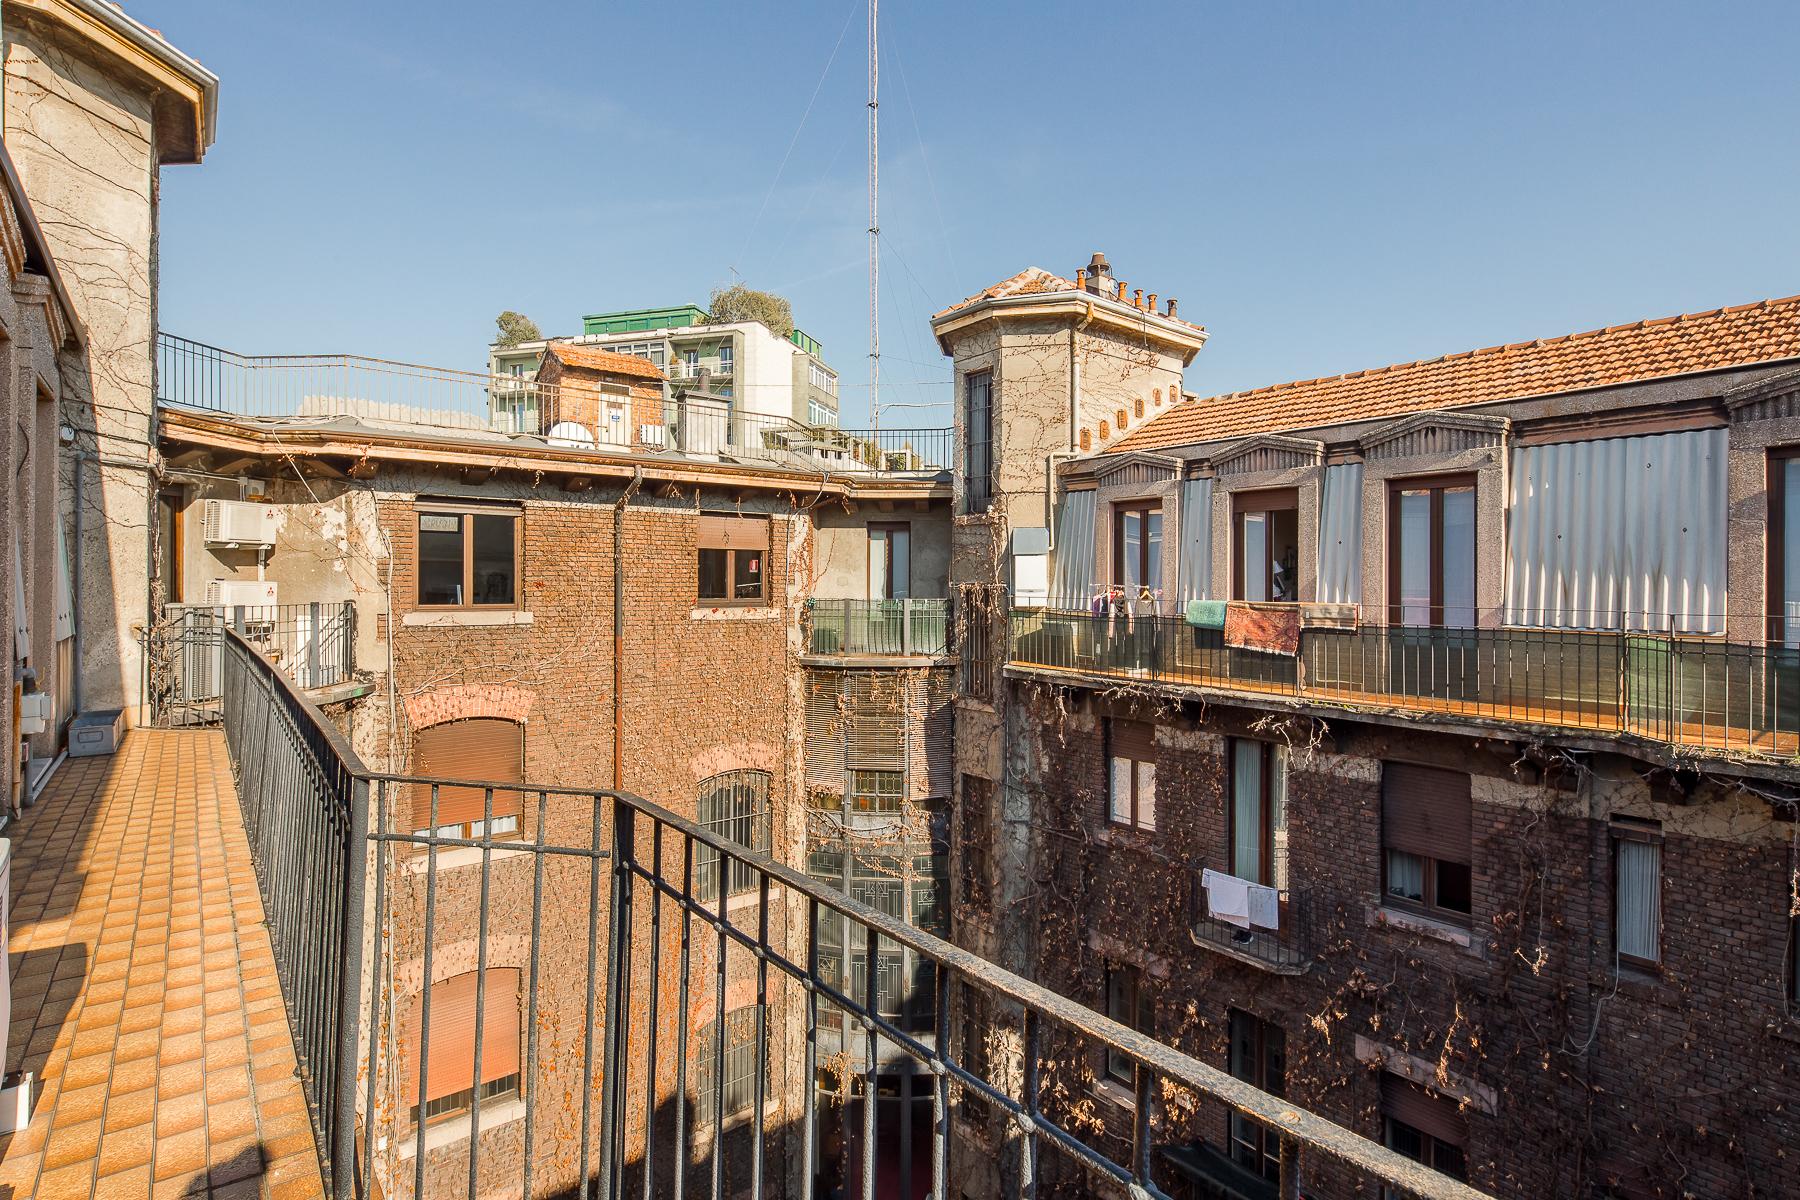 Attico in Vendita a Milano: 5 locali, 200 mq - Foto 4